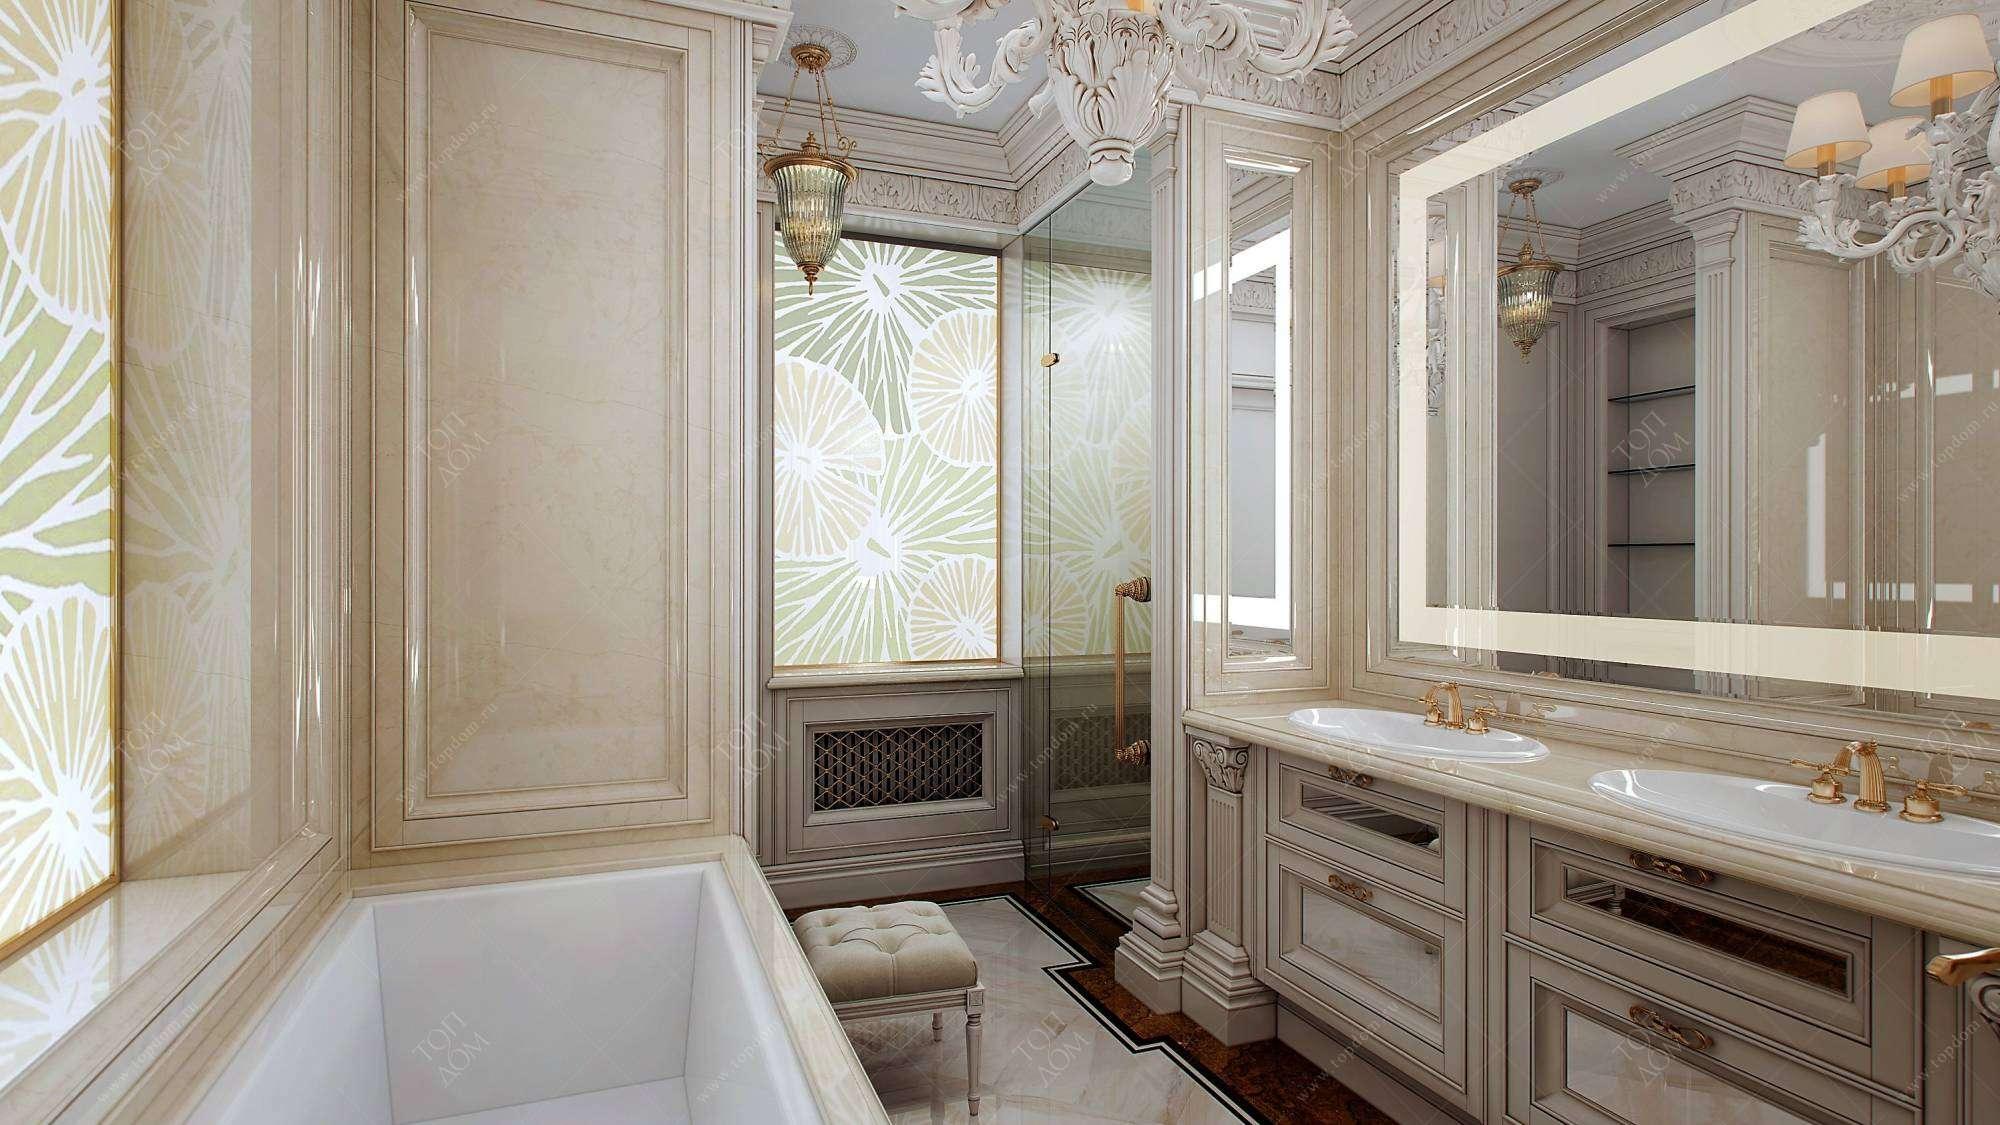 Дизайн ванной комнаты 2017 года Gt 220 фото интерьеров